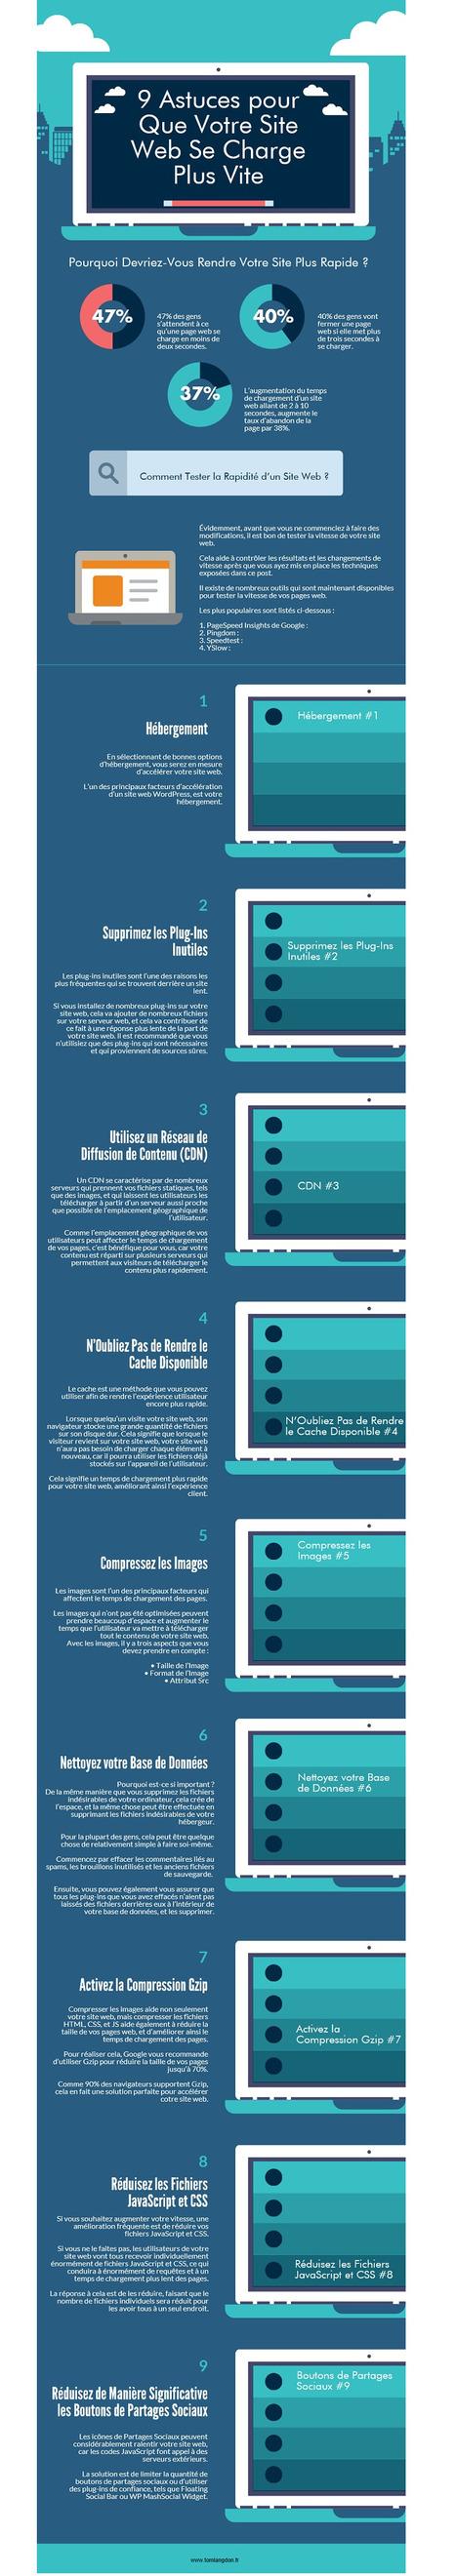 Comment réduire la vitesse de chargement de votre site web ? - BtoBMarketers.fr | SEO SEA SEM - Référencement Naturel & Payant | Scoop.it